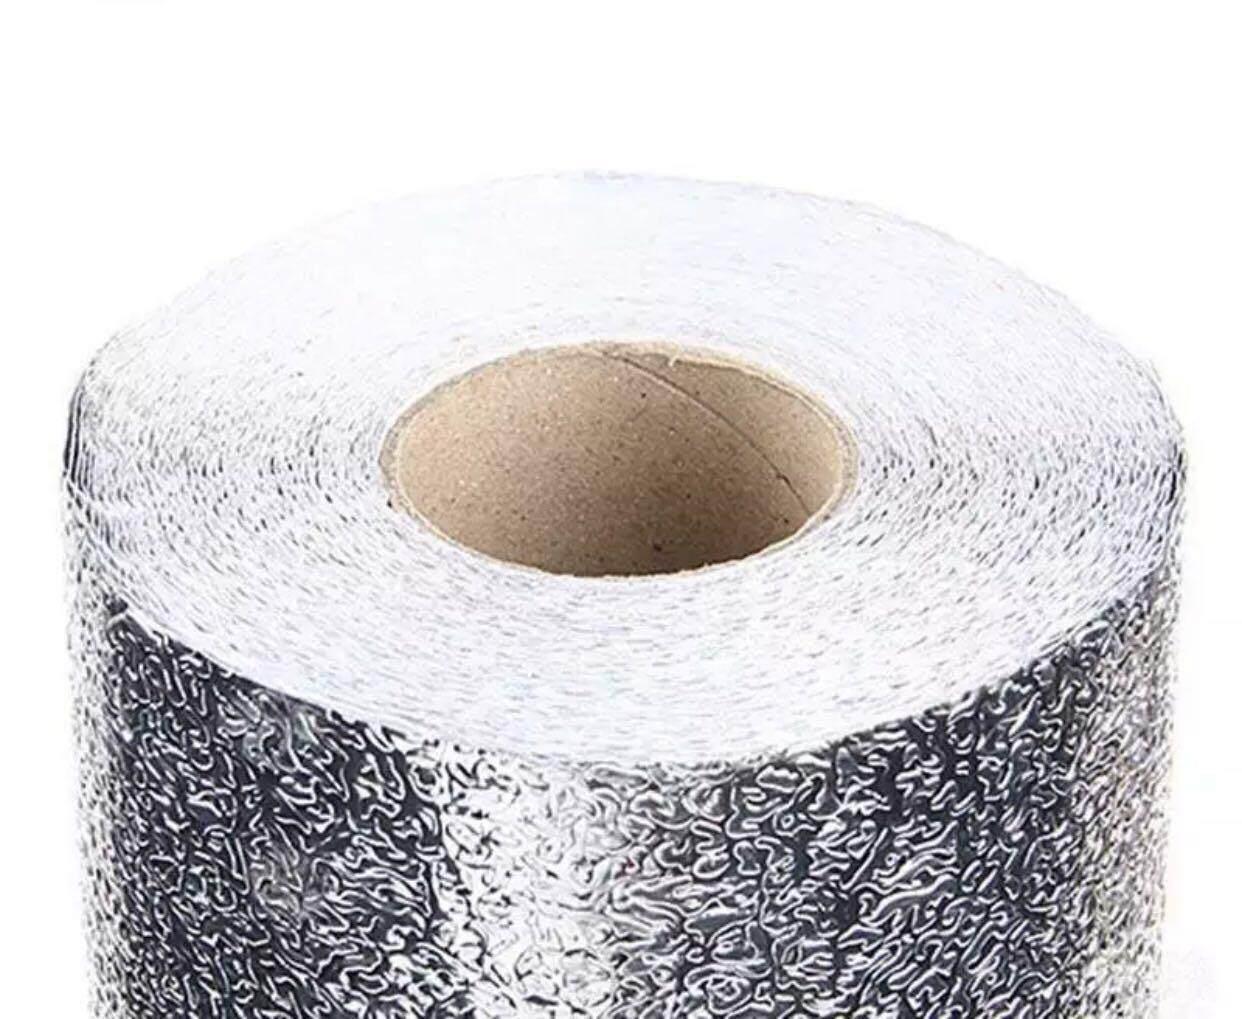 มีให้เลือก 2 ลาย สติกเกอร์ฟอยล์อลูมิเนียม กันน้ำมันกระเด็น ใช้สำหรับติดผนังห้องครัว 40 Cm X 6 เมตร.